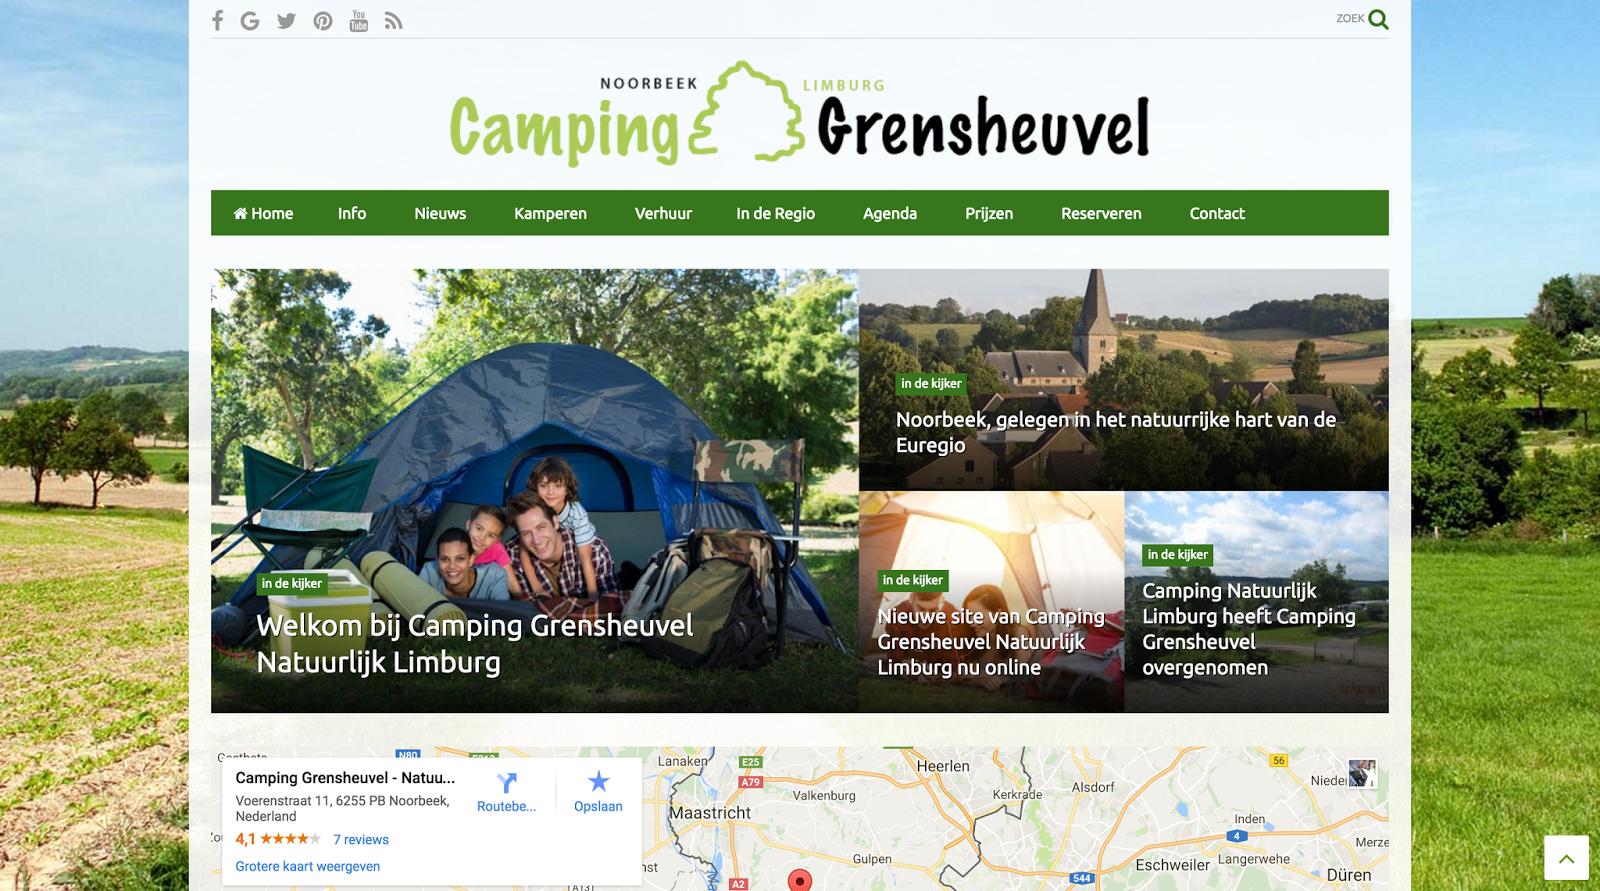 Camping Grensheuvel – Noorbeek